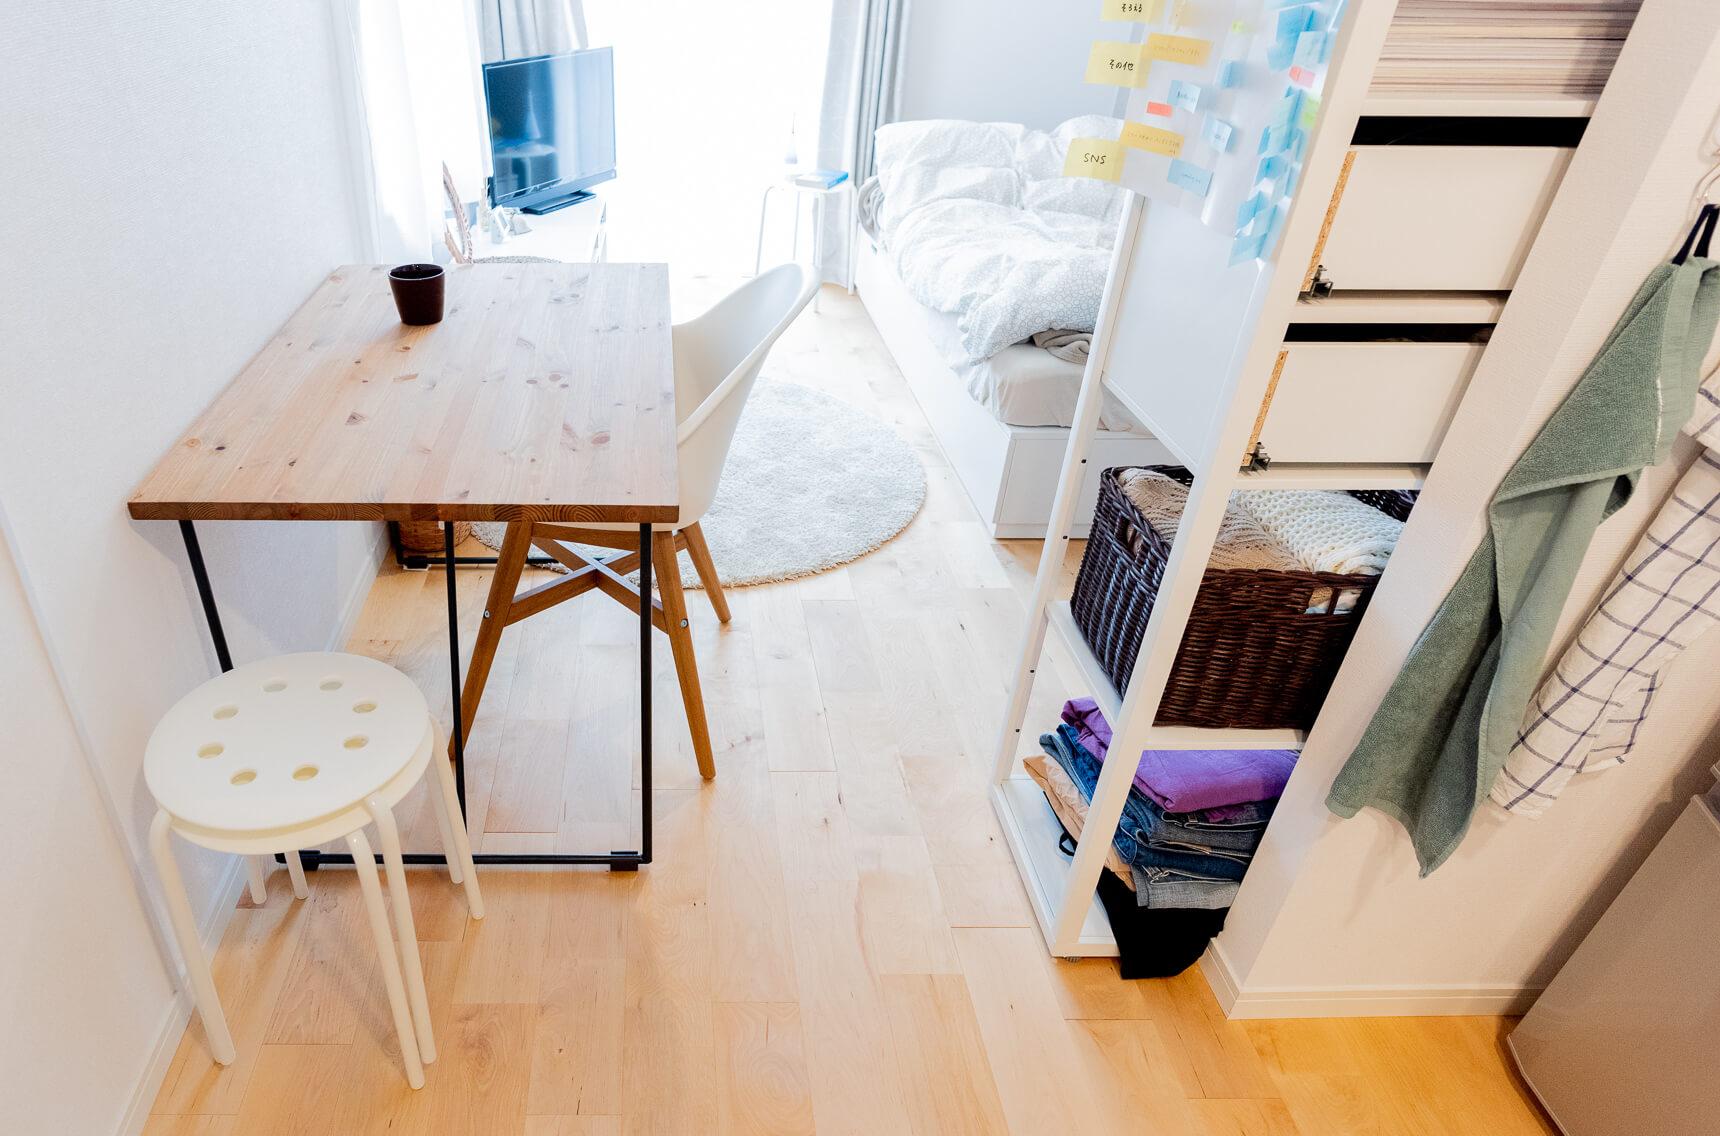 部屋とキッチンとの間にテーブルを置くという英断!